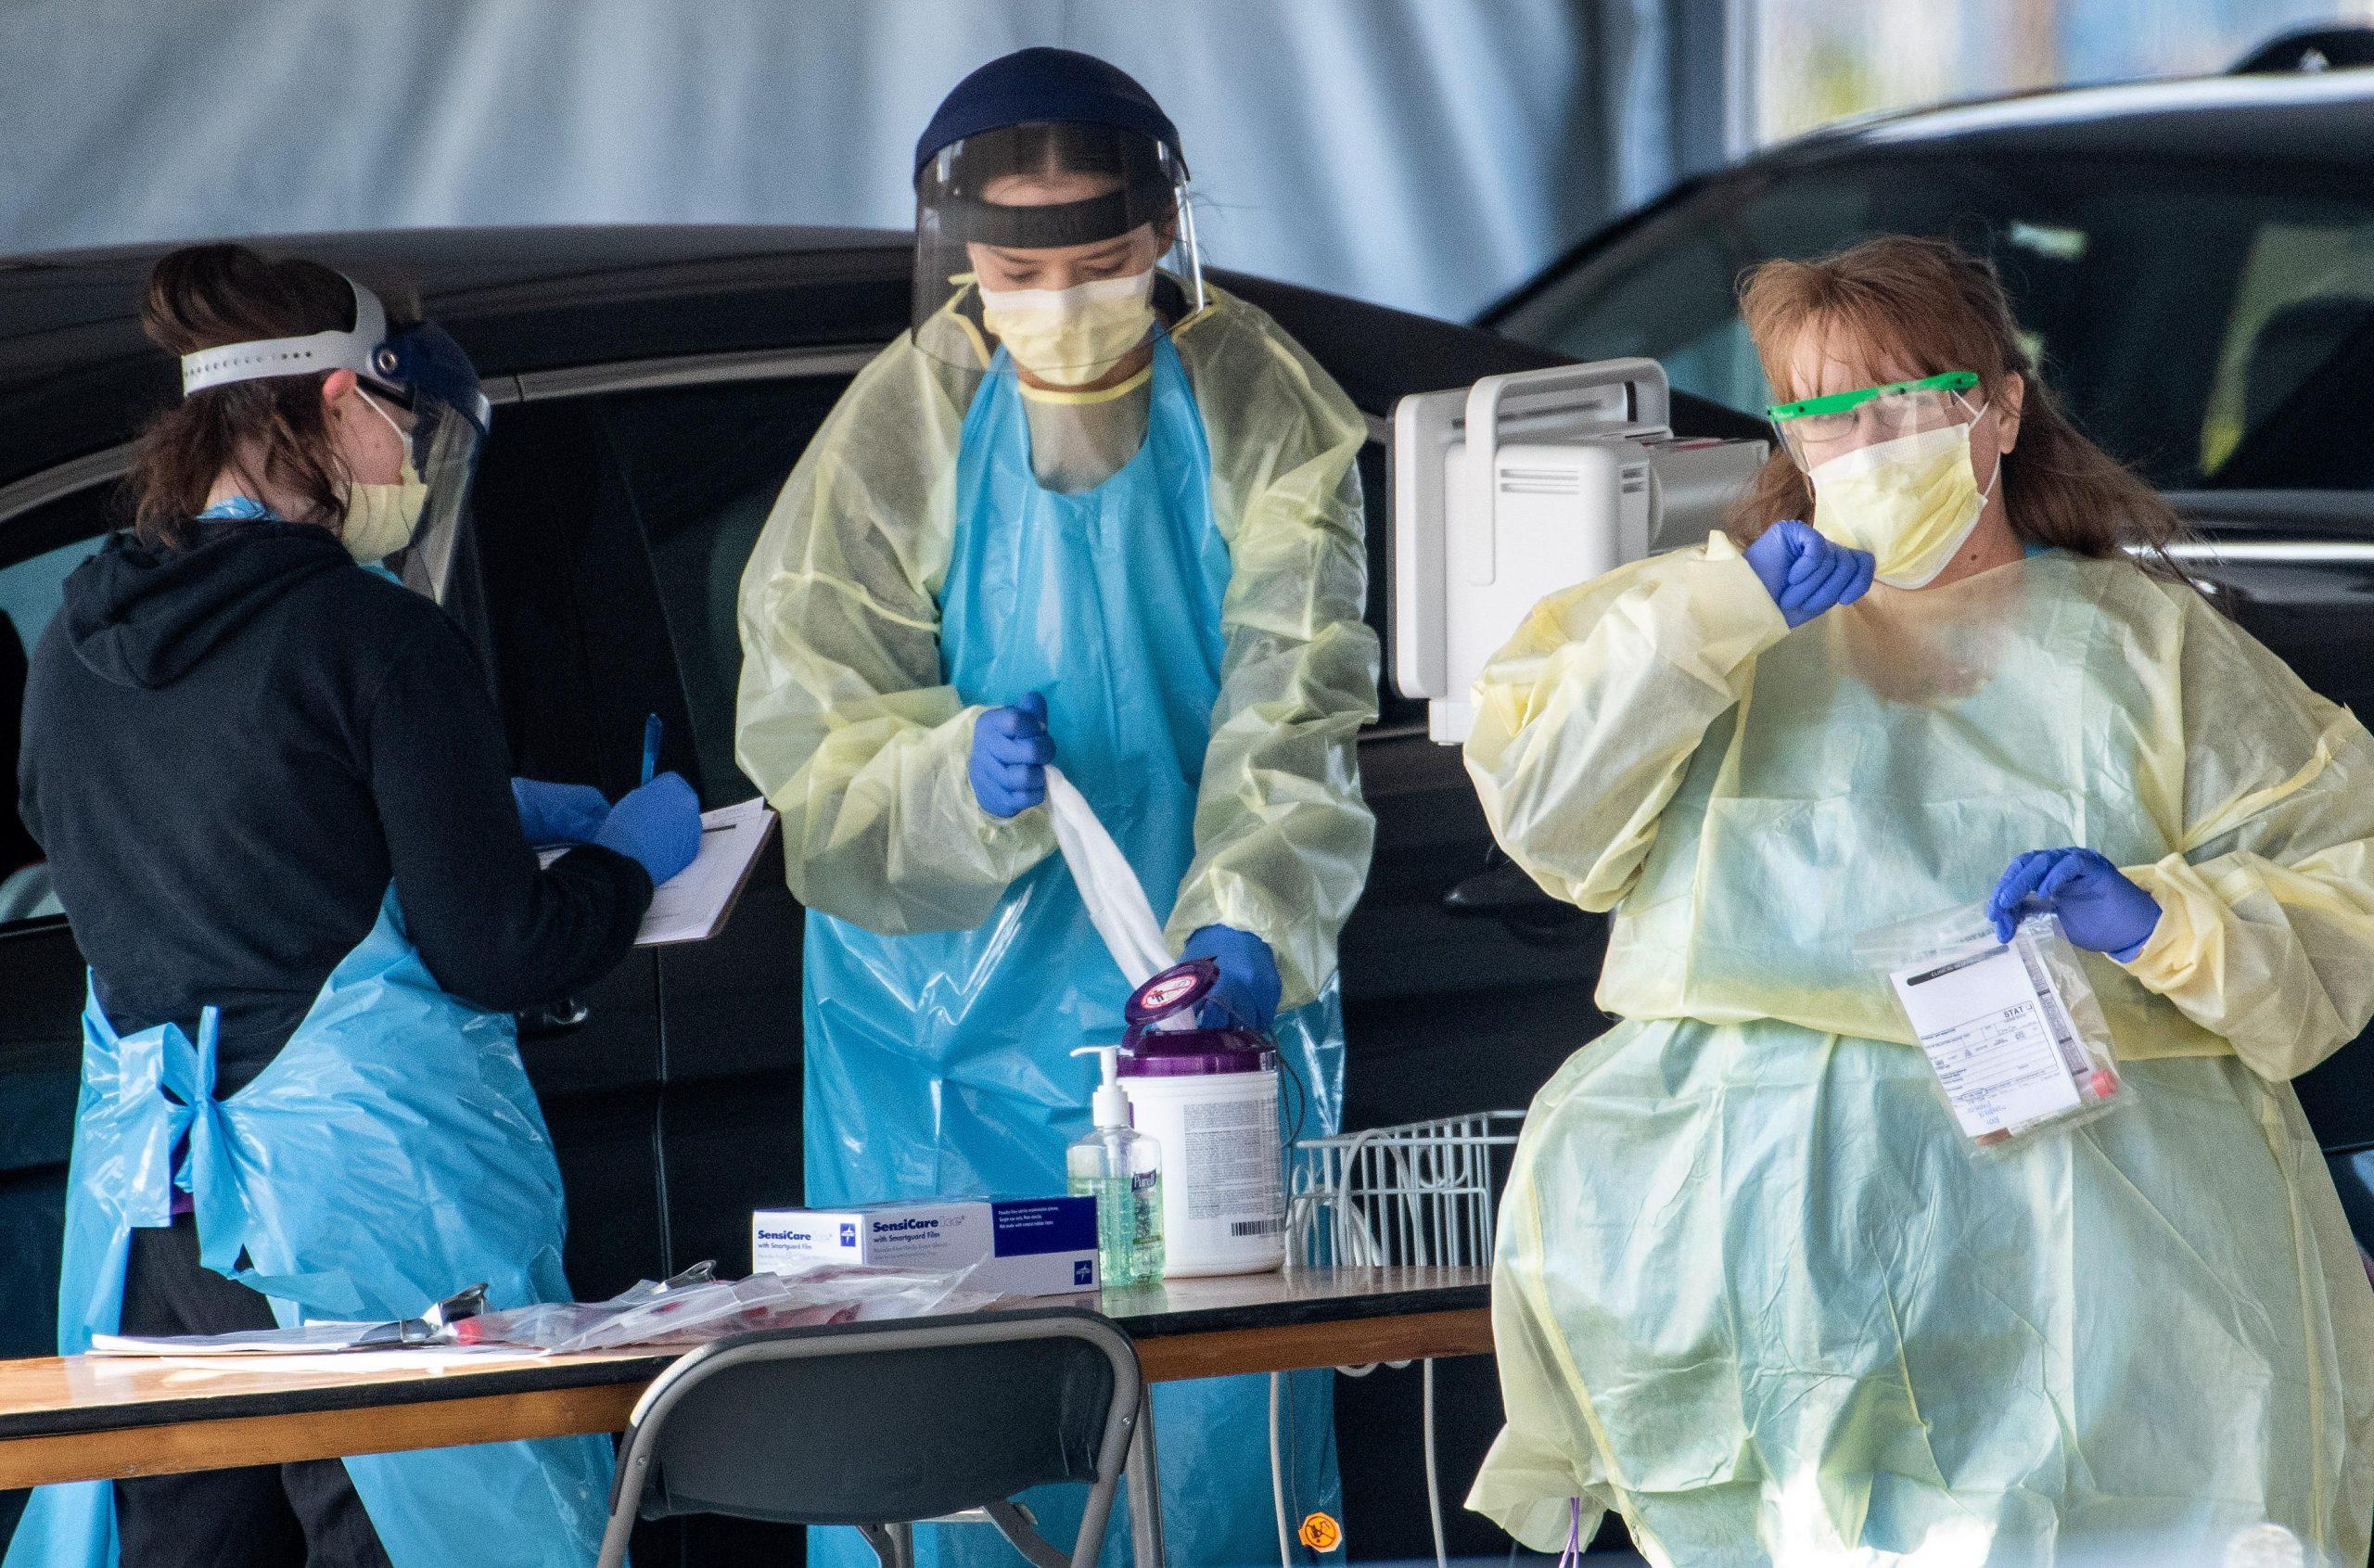 El Centro Médico de la Universidad Soroka cerró su unidad de cuidados intensivos por coronavirus después de más de un año de tratar casos graves